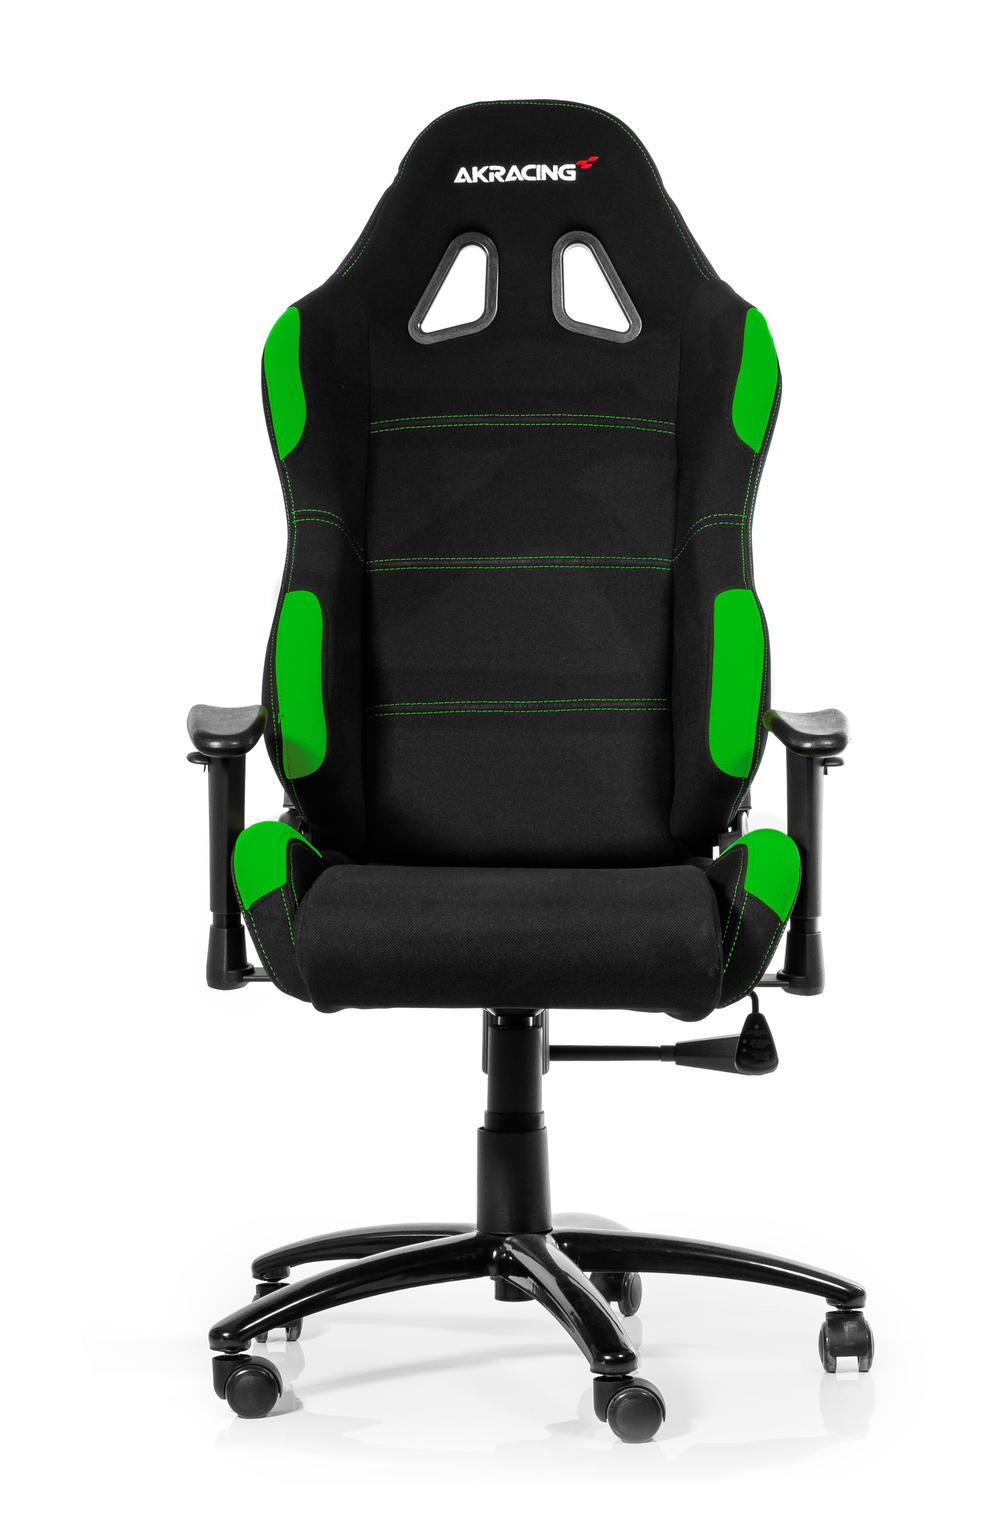 Gaming stoel AKRACING Gaming Chair zwart-groen